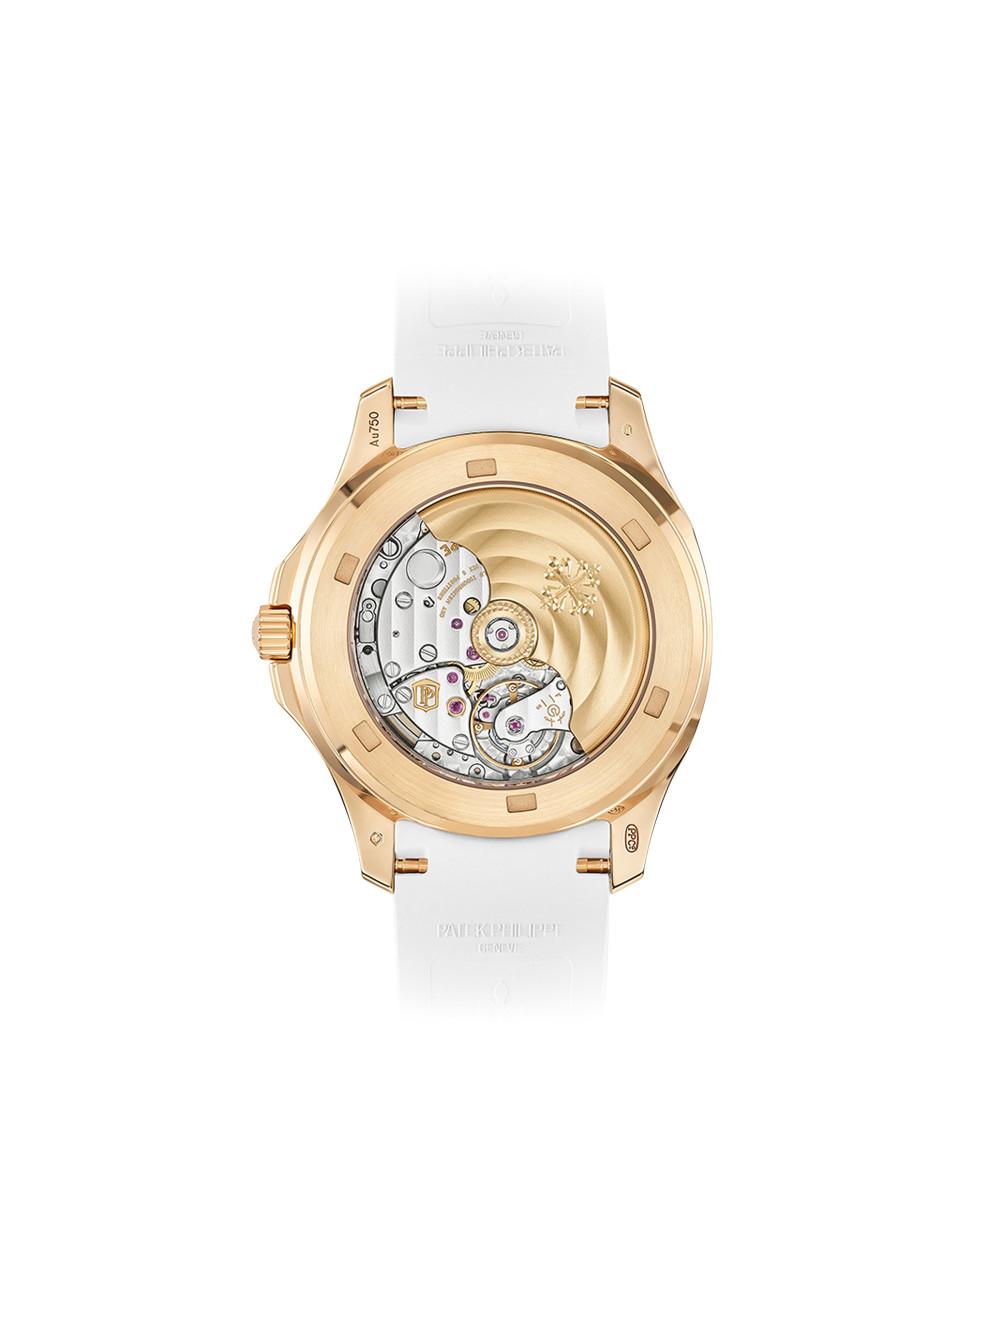 Aquanaut Luce - 5268/200R-001 03